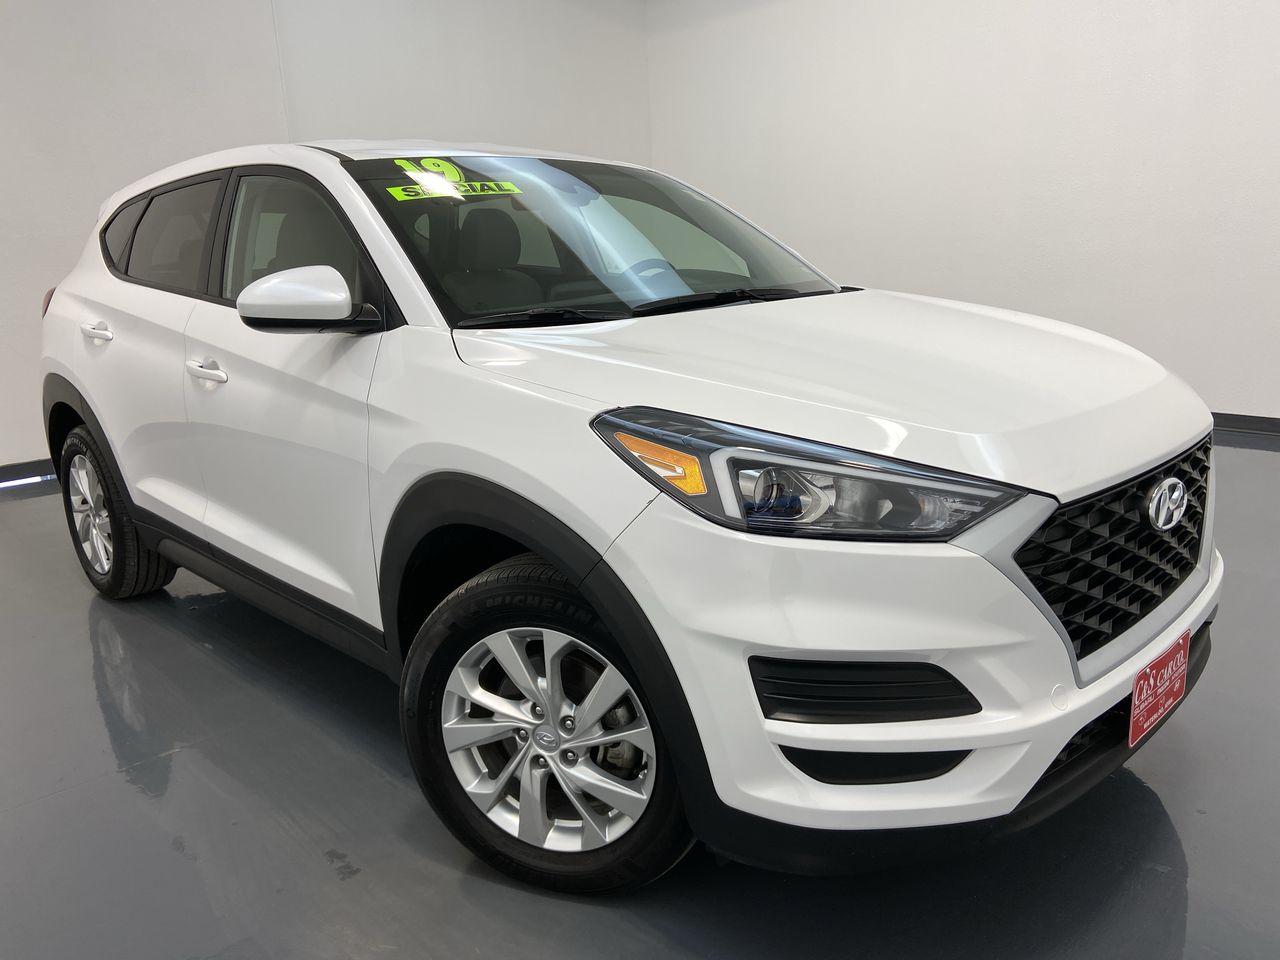 2019 Hyundai Tucson 4D SUV AWD  - 16395  - C & S Car Company